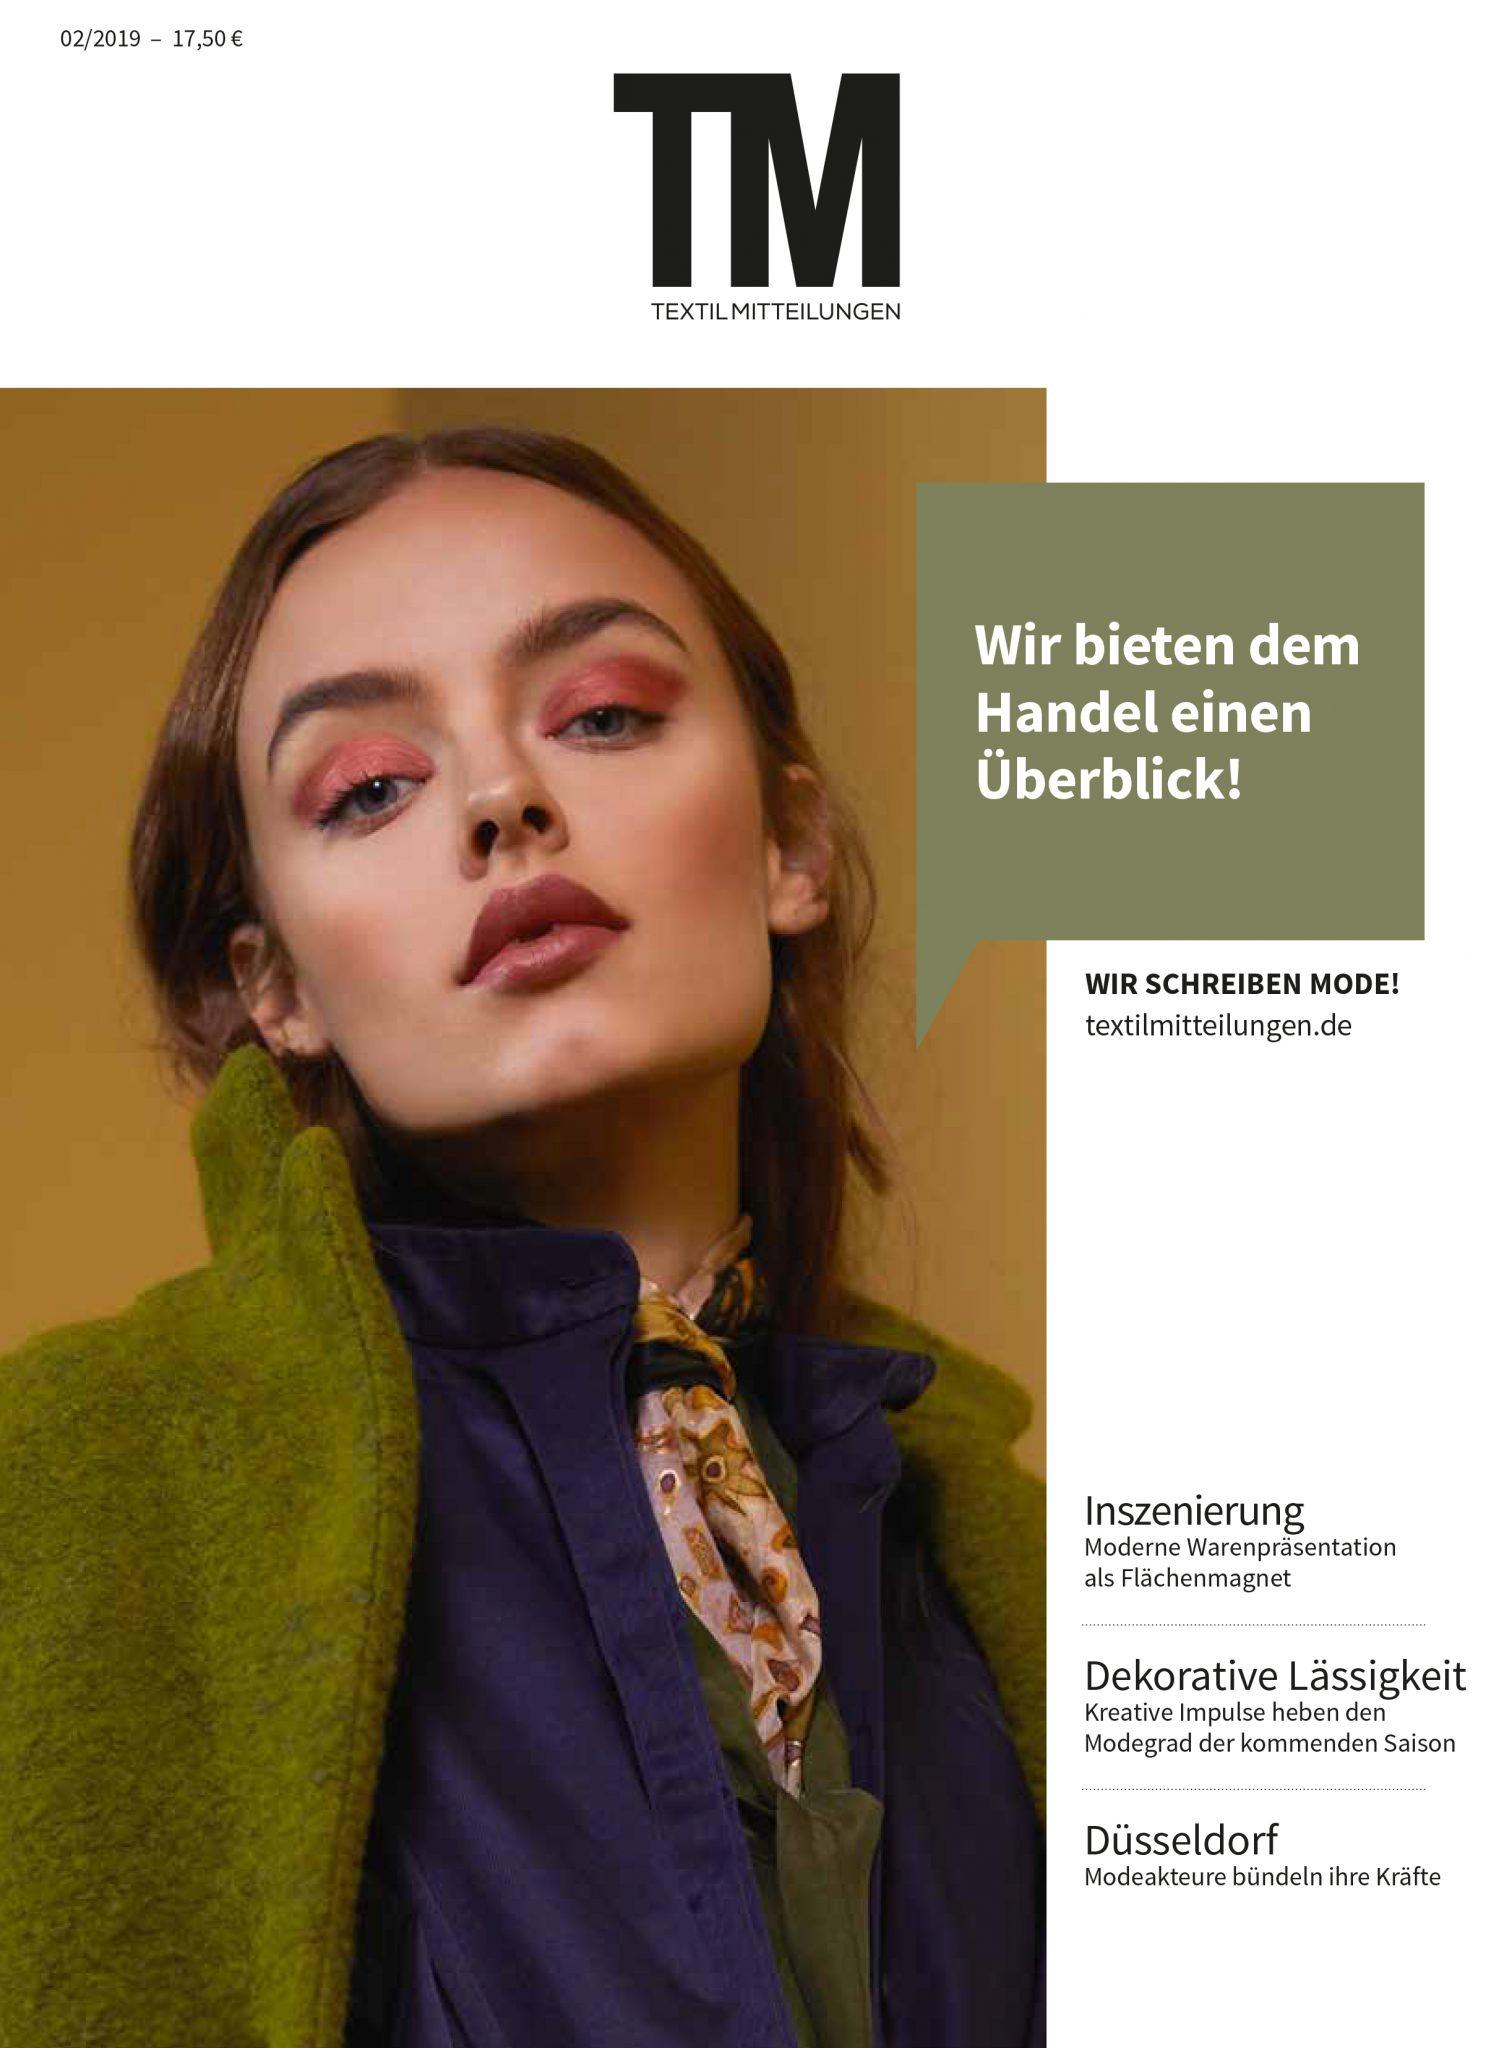 TextilMitteilung, Cozy Elegance